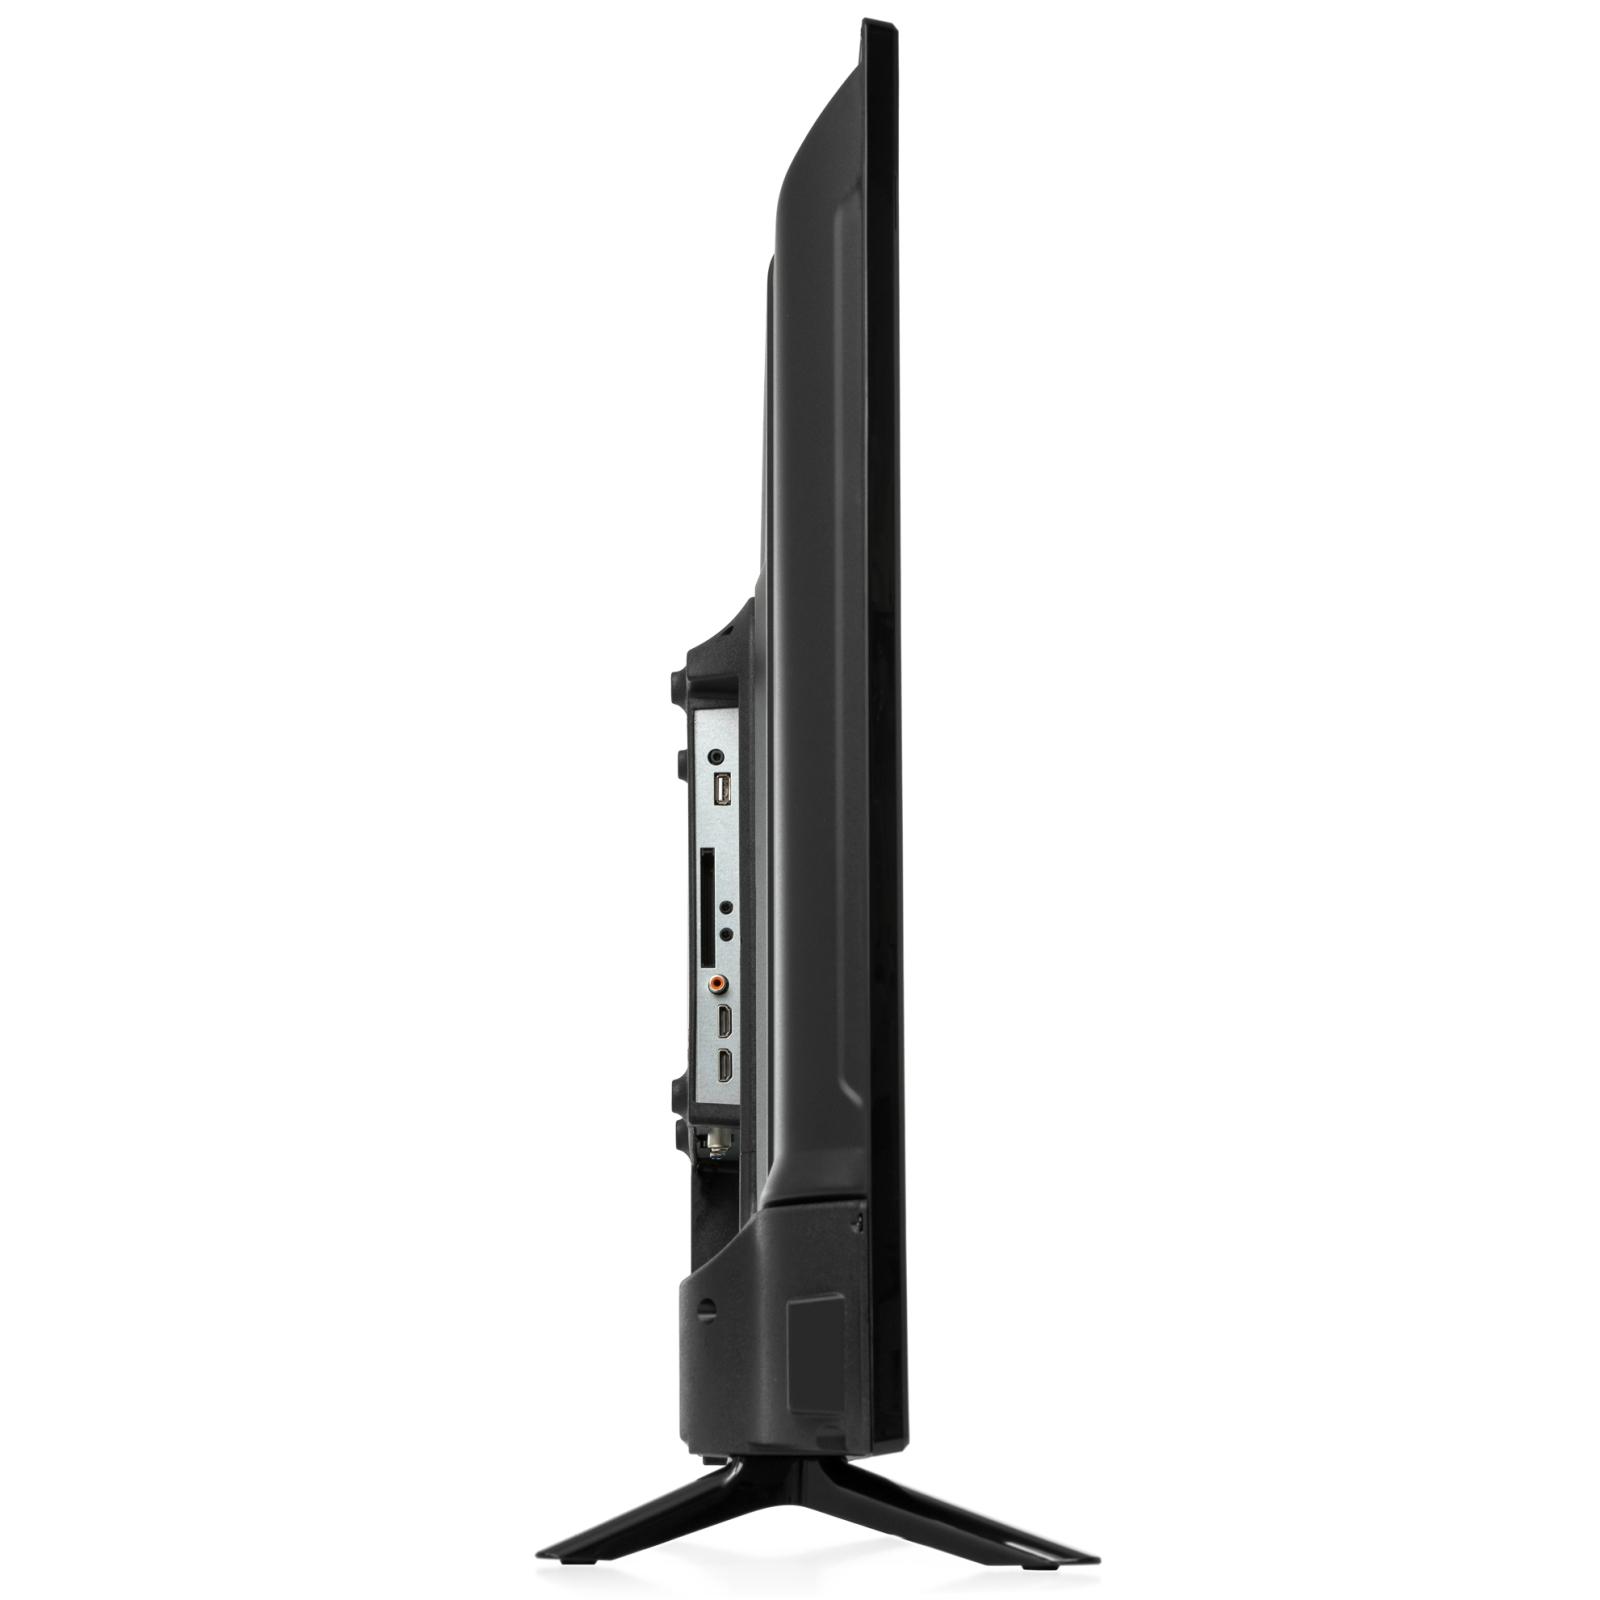 Телевизор Vinga L43FHD23B изображение 5